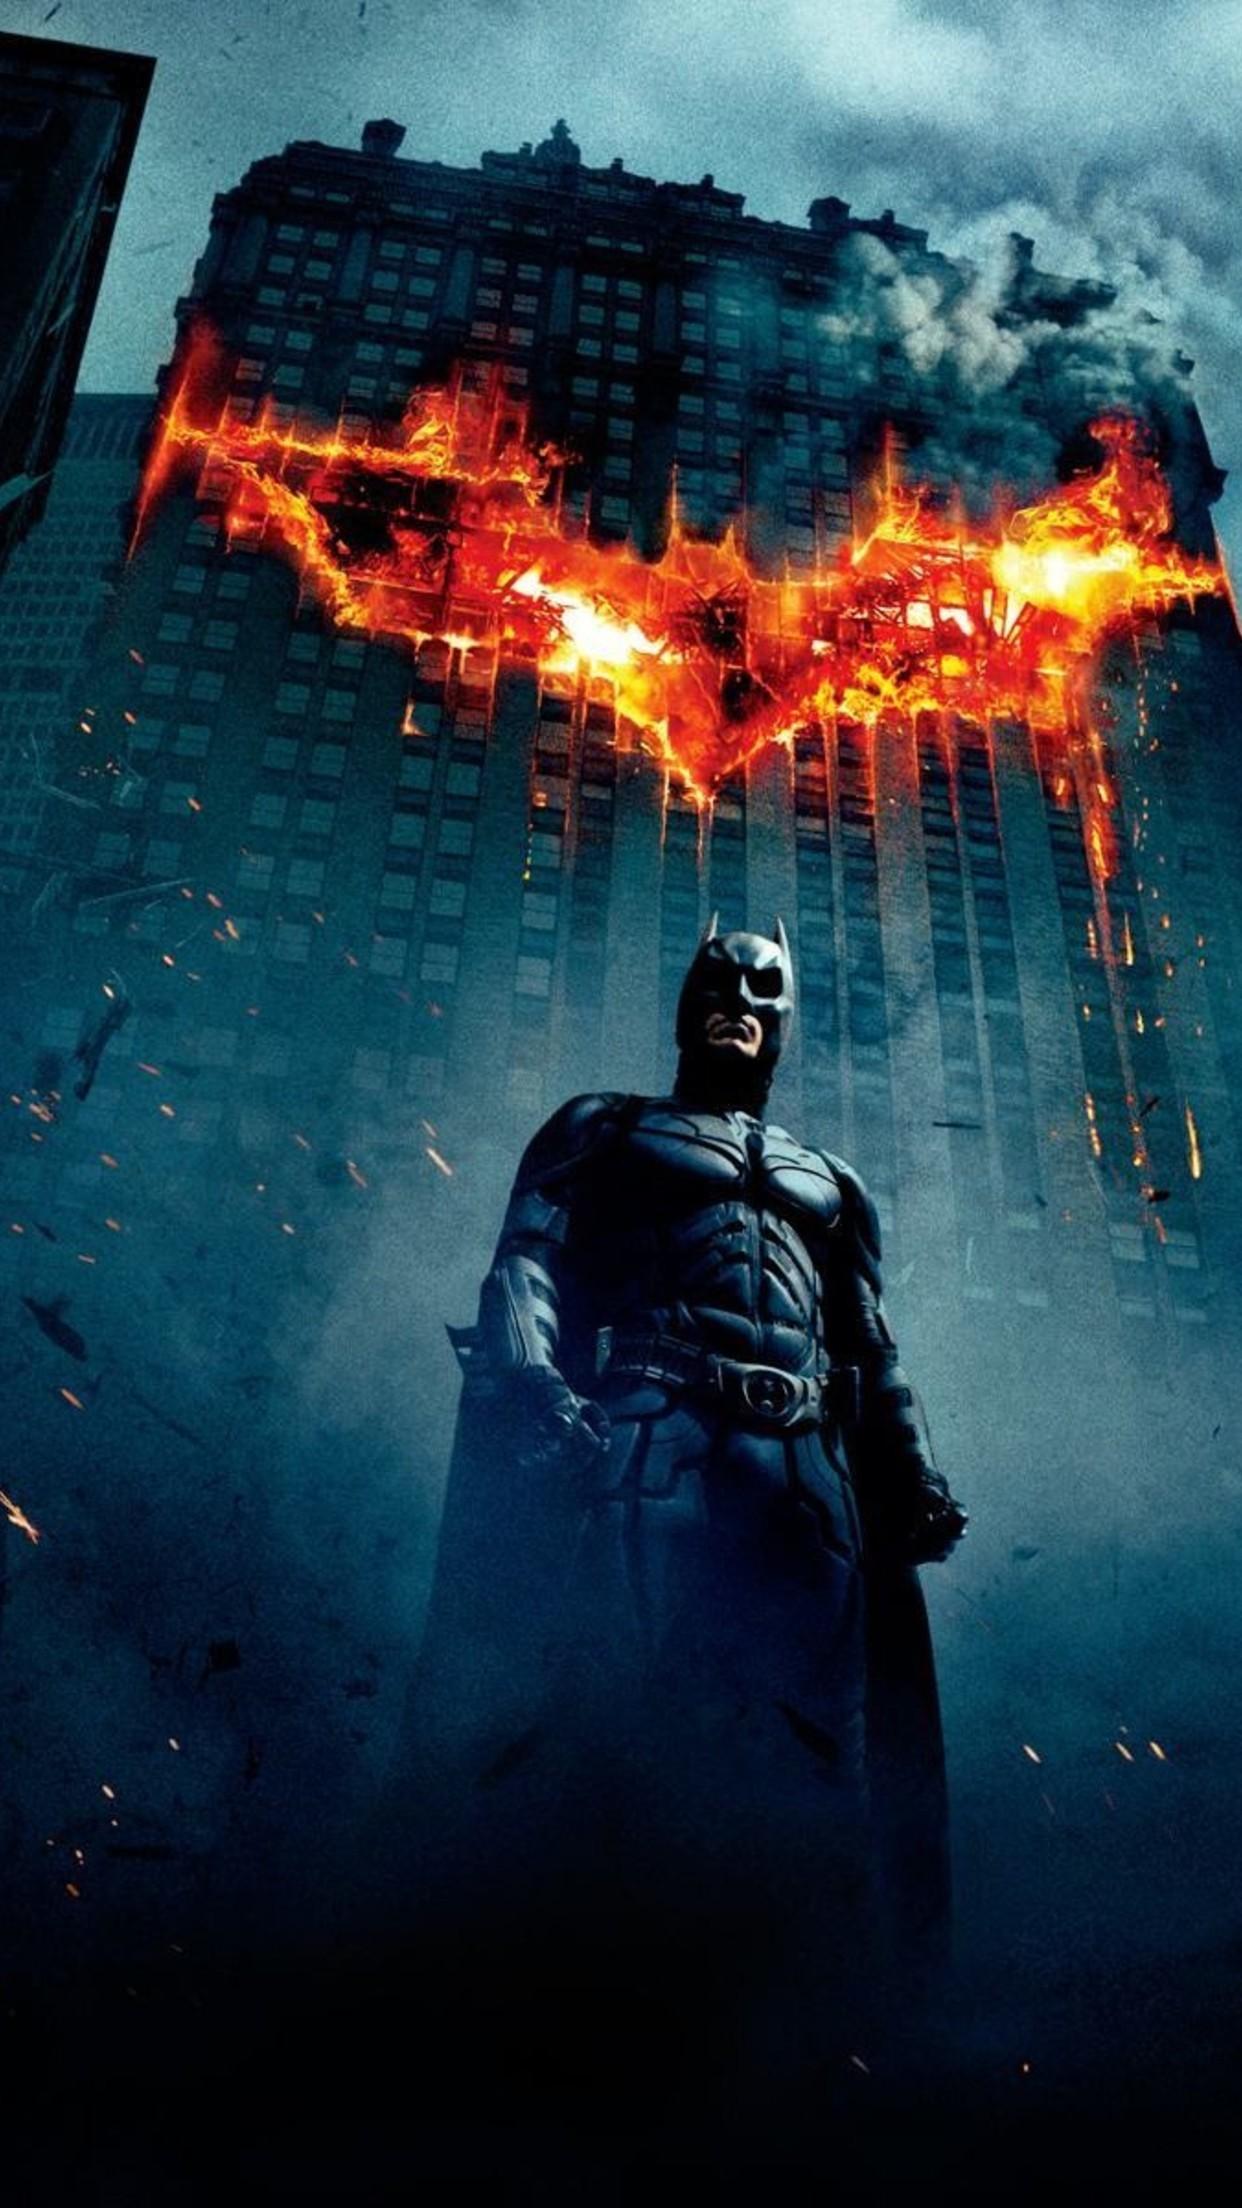 dc-comics-batman-3Wallpapers-iPhone-Parallax